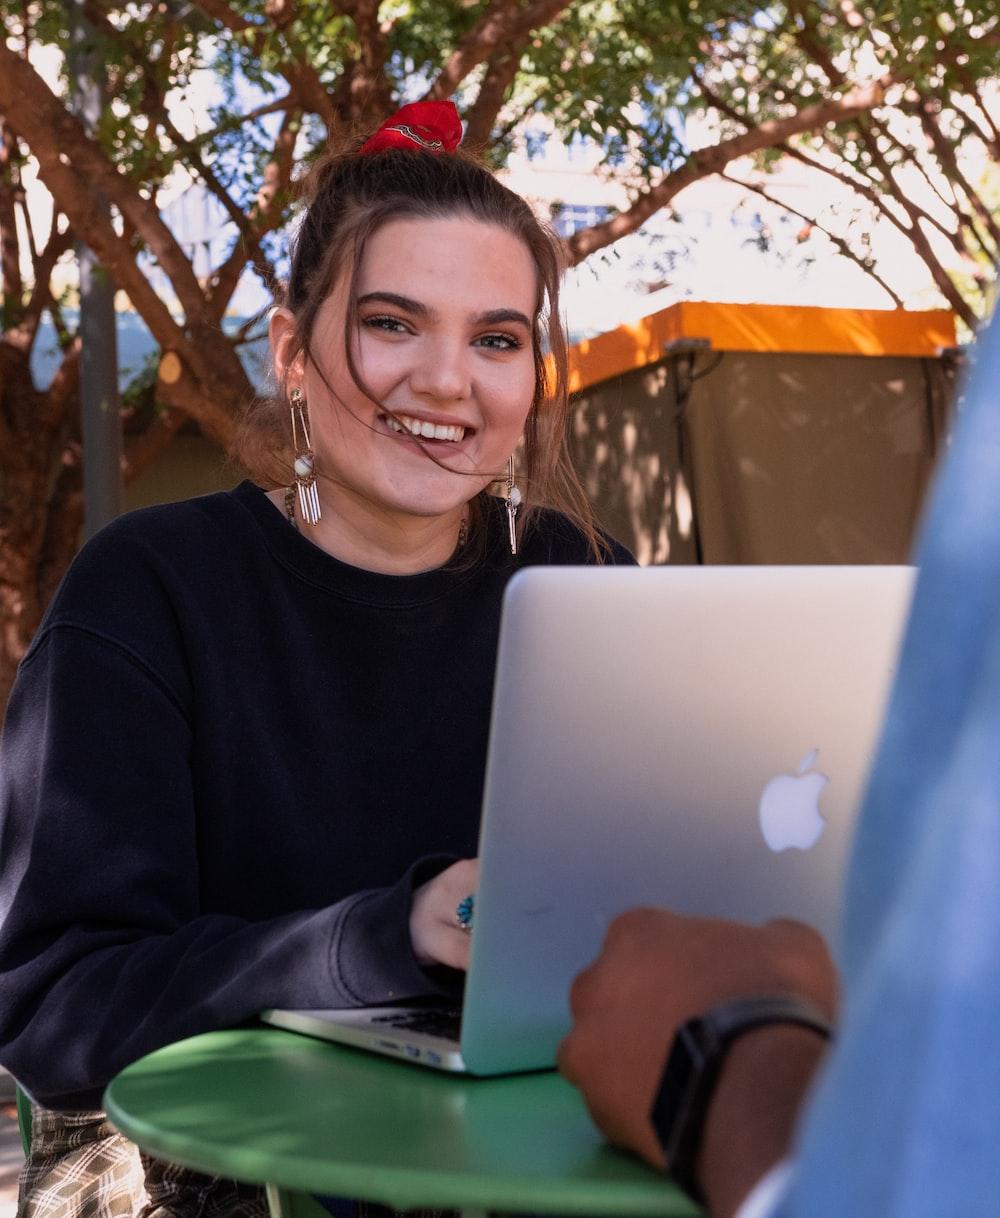 woman smiling wearing black crew-nek sweater